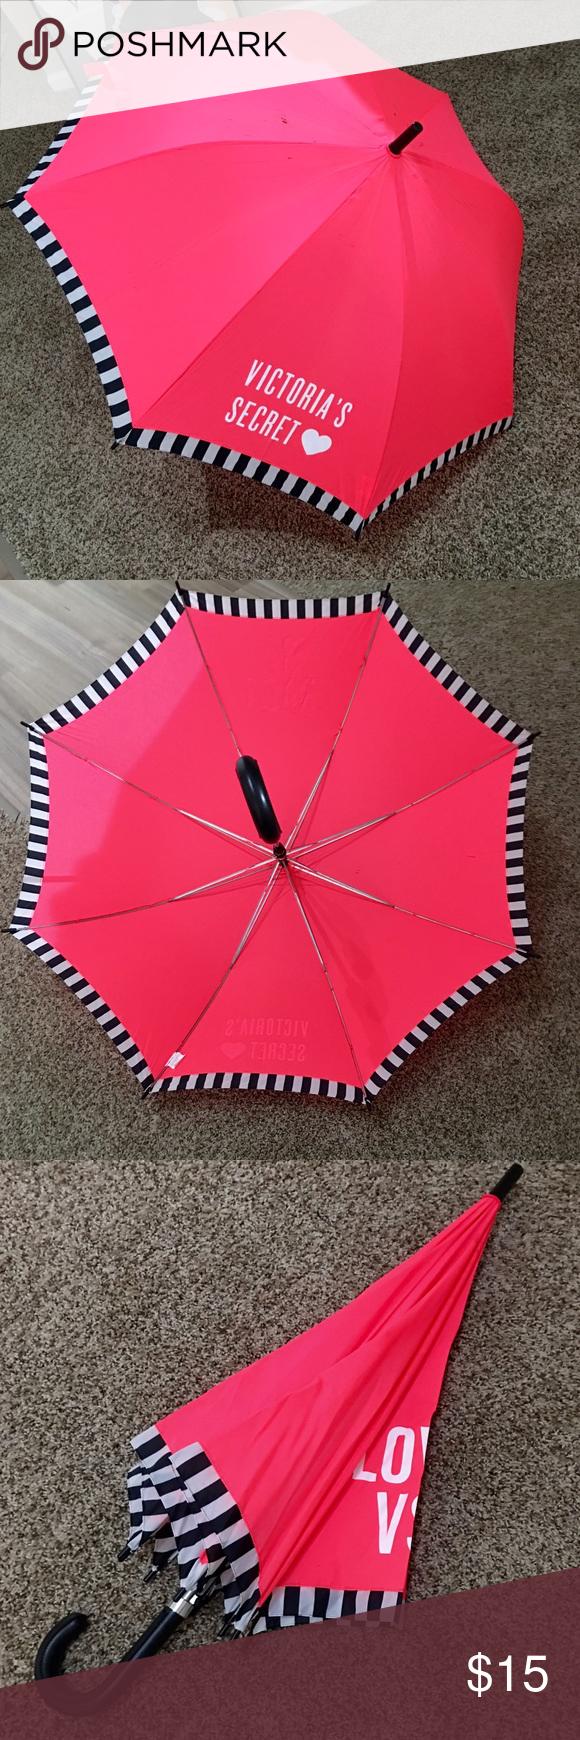 Victoria's Secret Umbrella ☂ Victoria secret umbrella